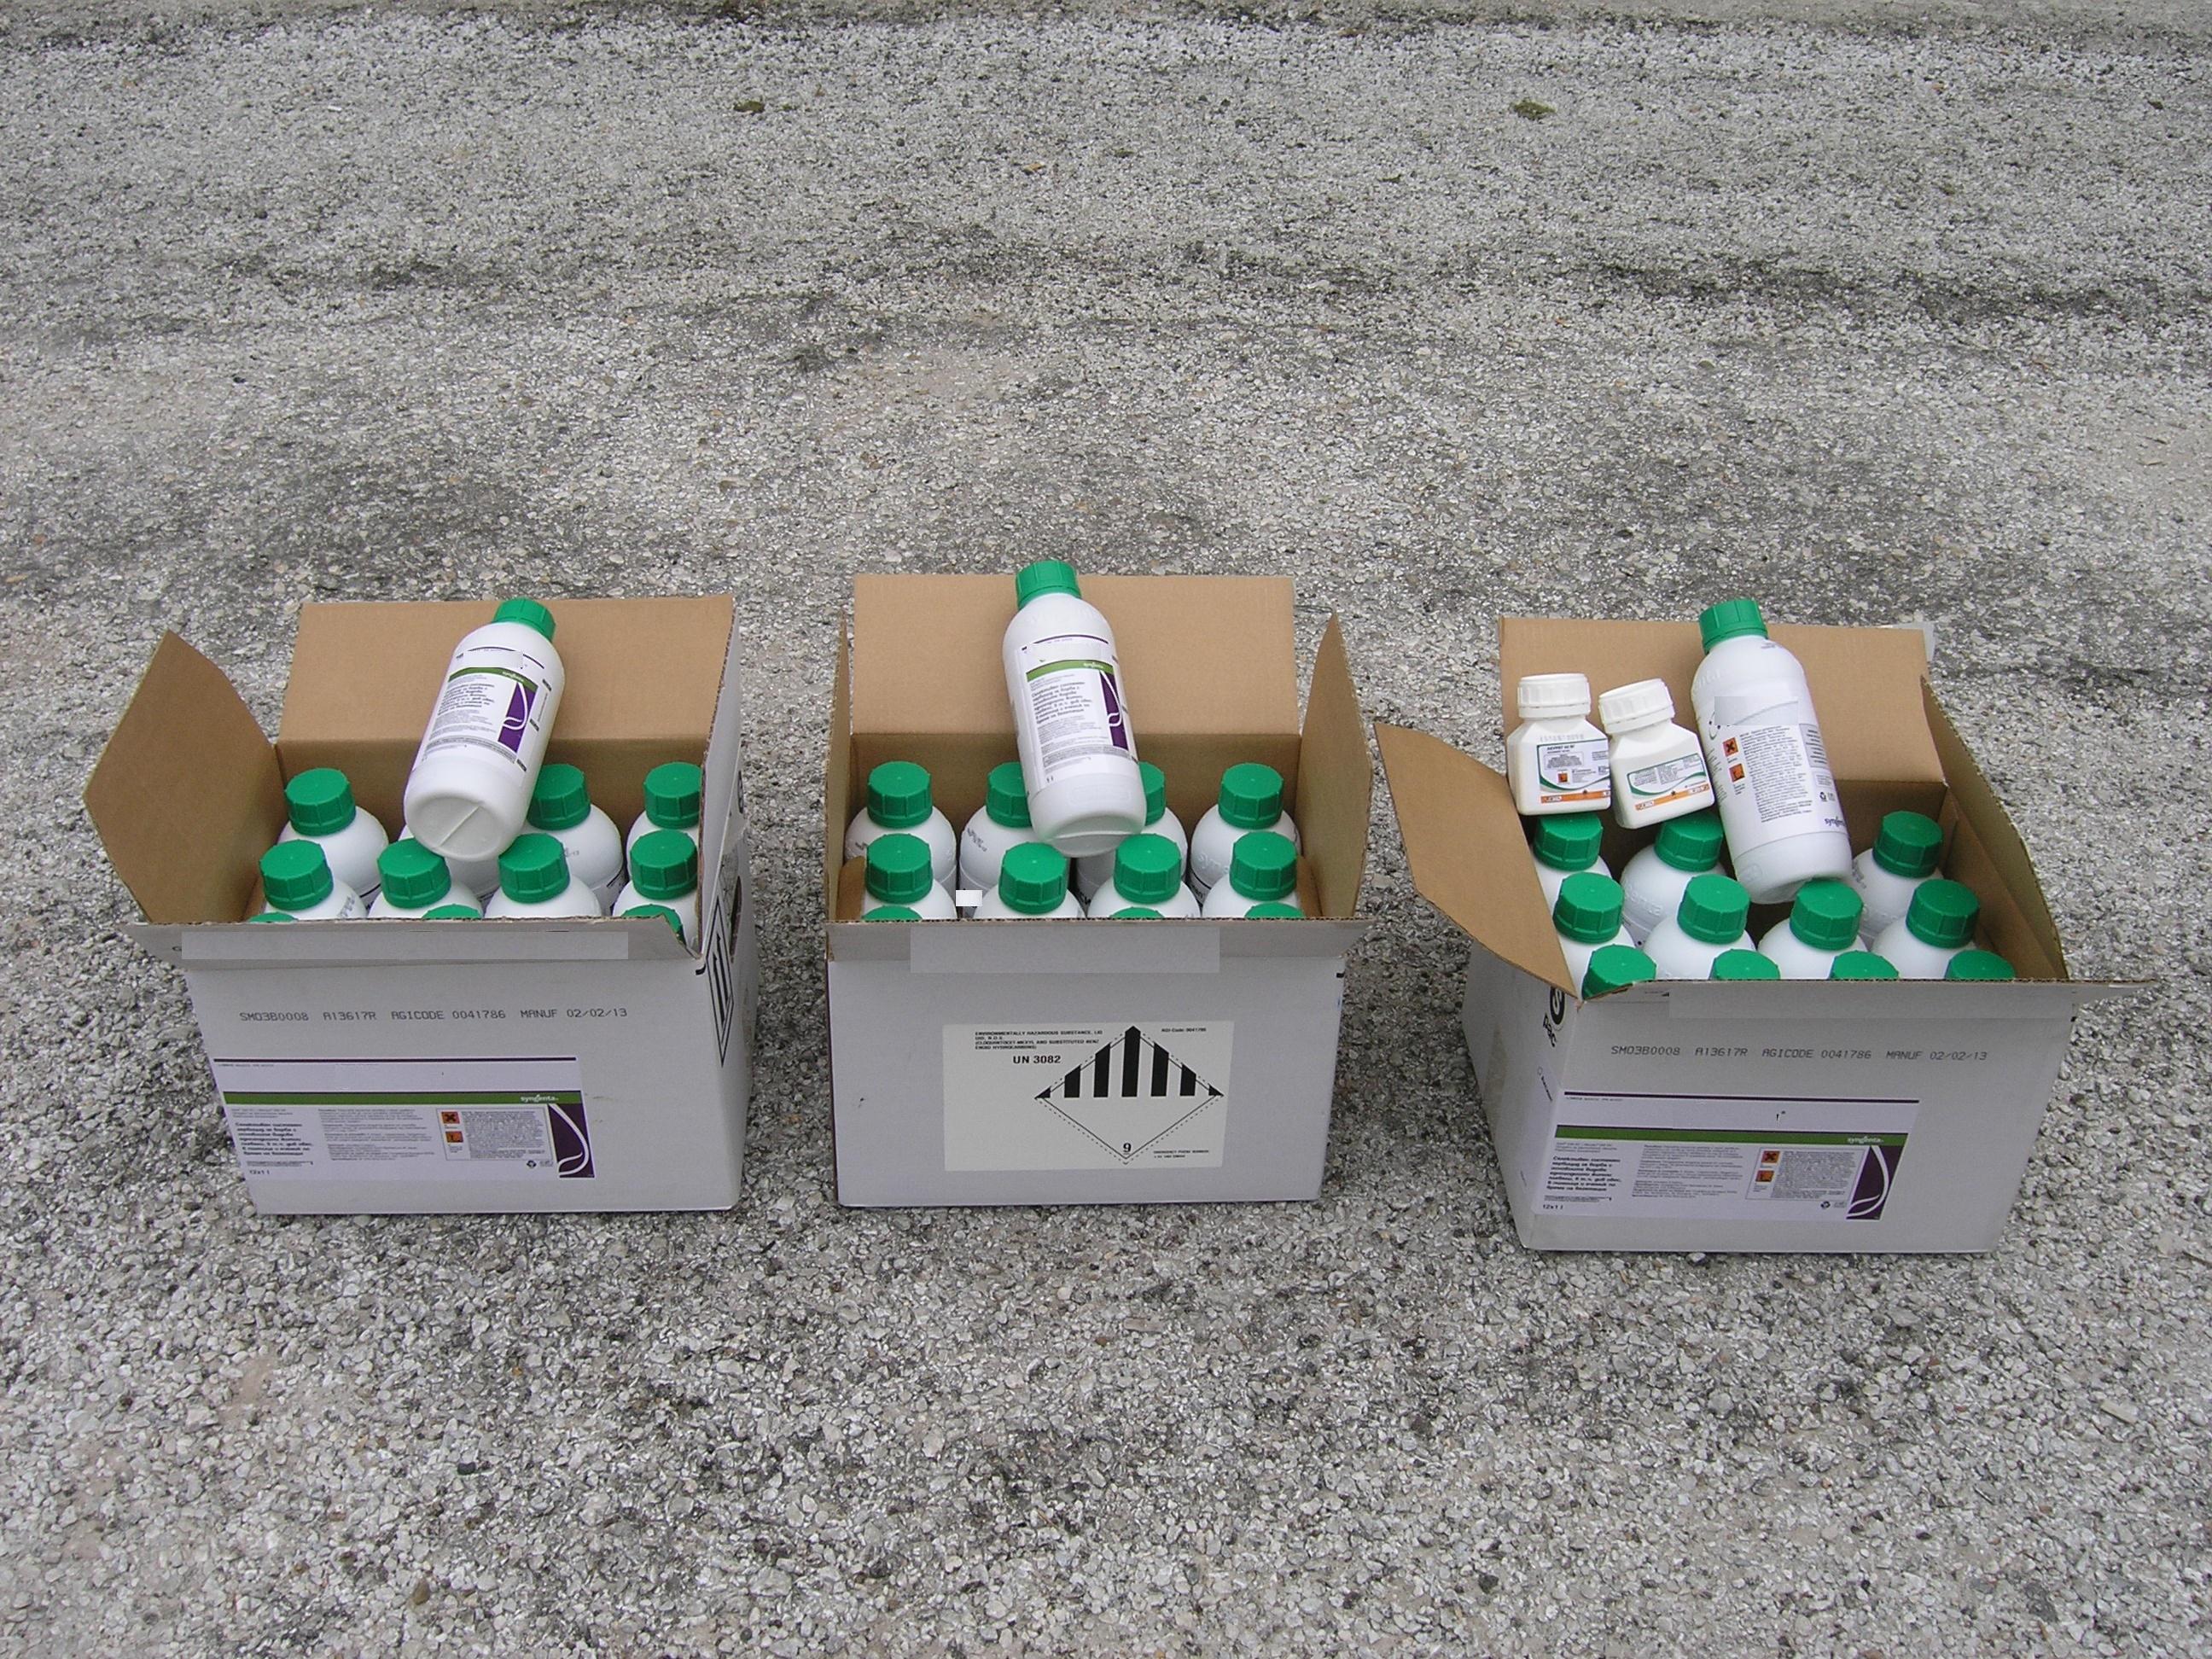 Σύλληψη για εισαγωγή λαθραίων φυτοφαρμάκων